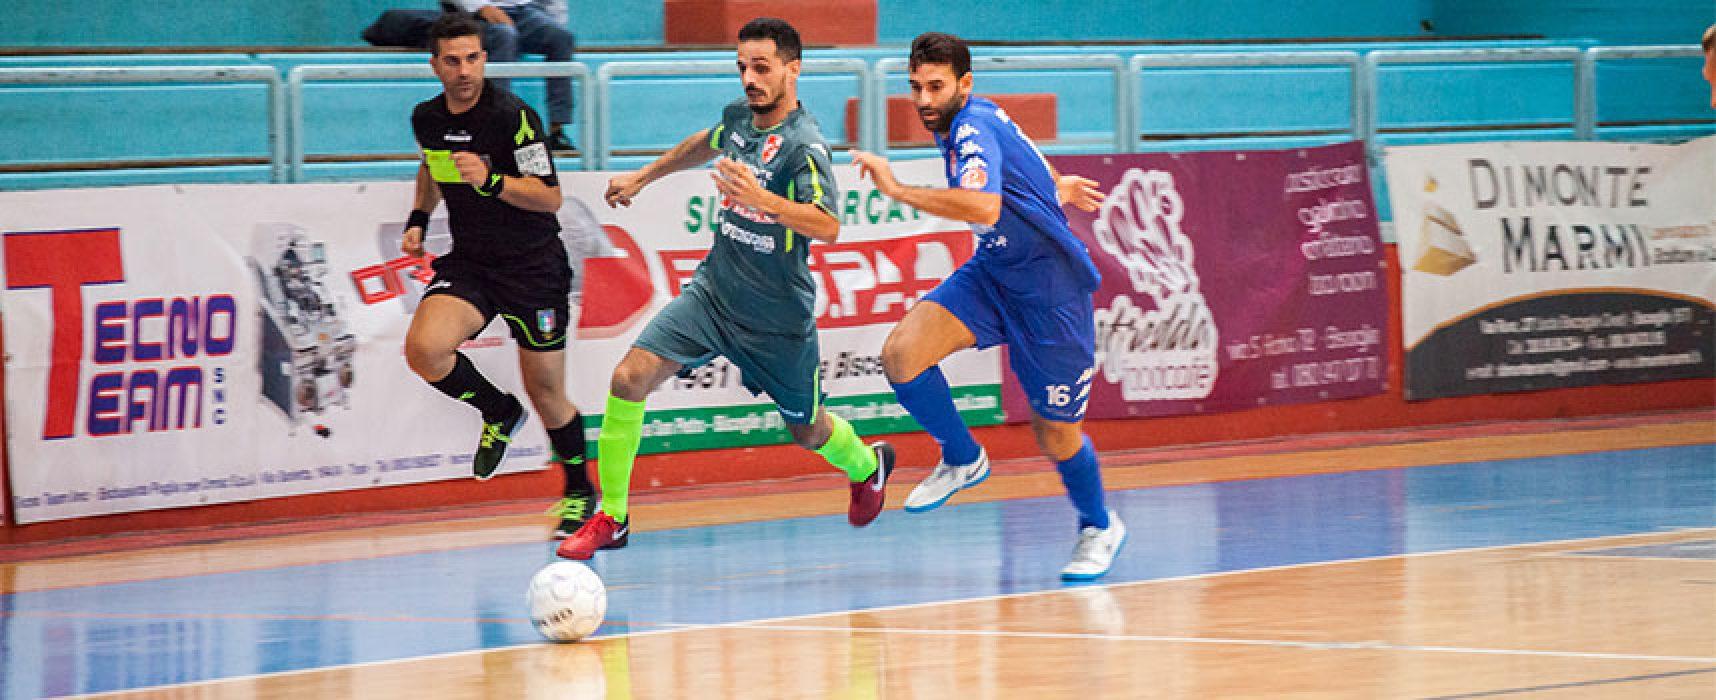 Serie B, la Diaz ospita al PalaDolmen il Real Team Matera